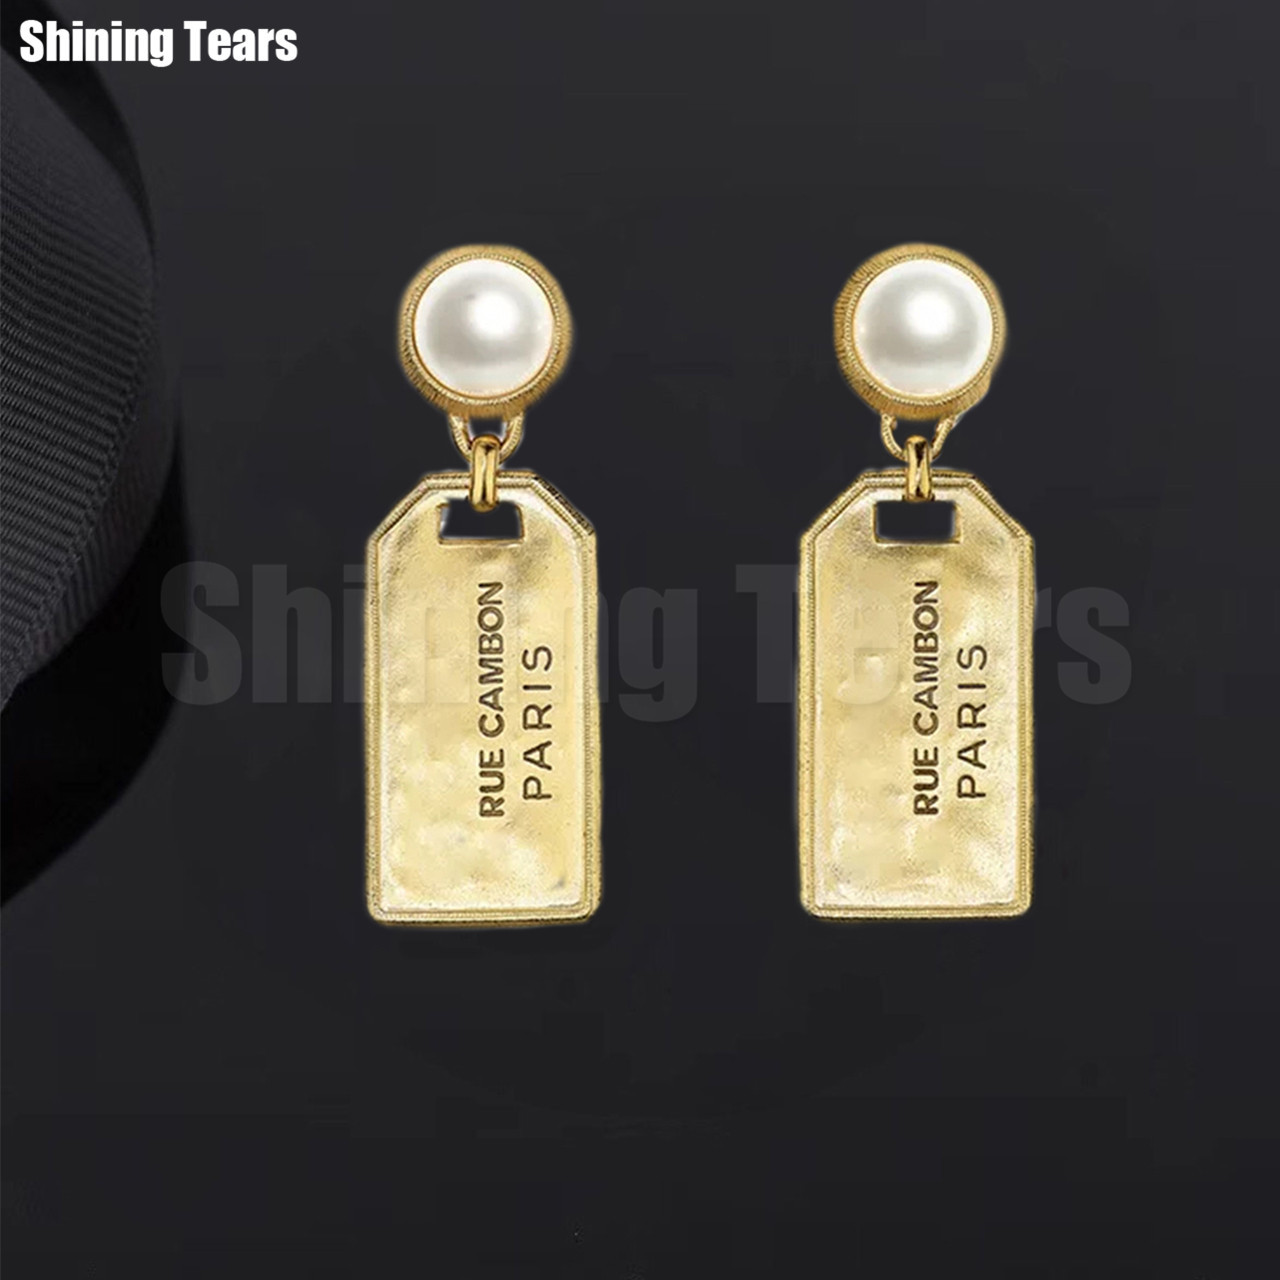 Bijoux fantaisie & accessoires boucles d'oreilles perle blanche pendentif rectangulaire avec boucles d'oreilles lettrées pour cadeau de fête des femmes